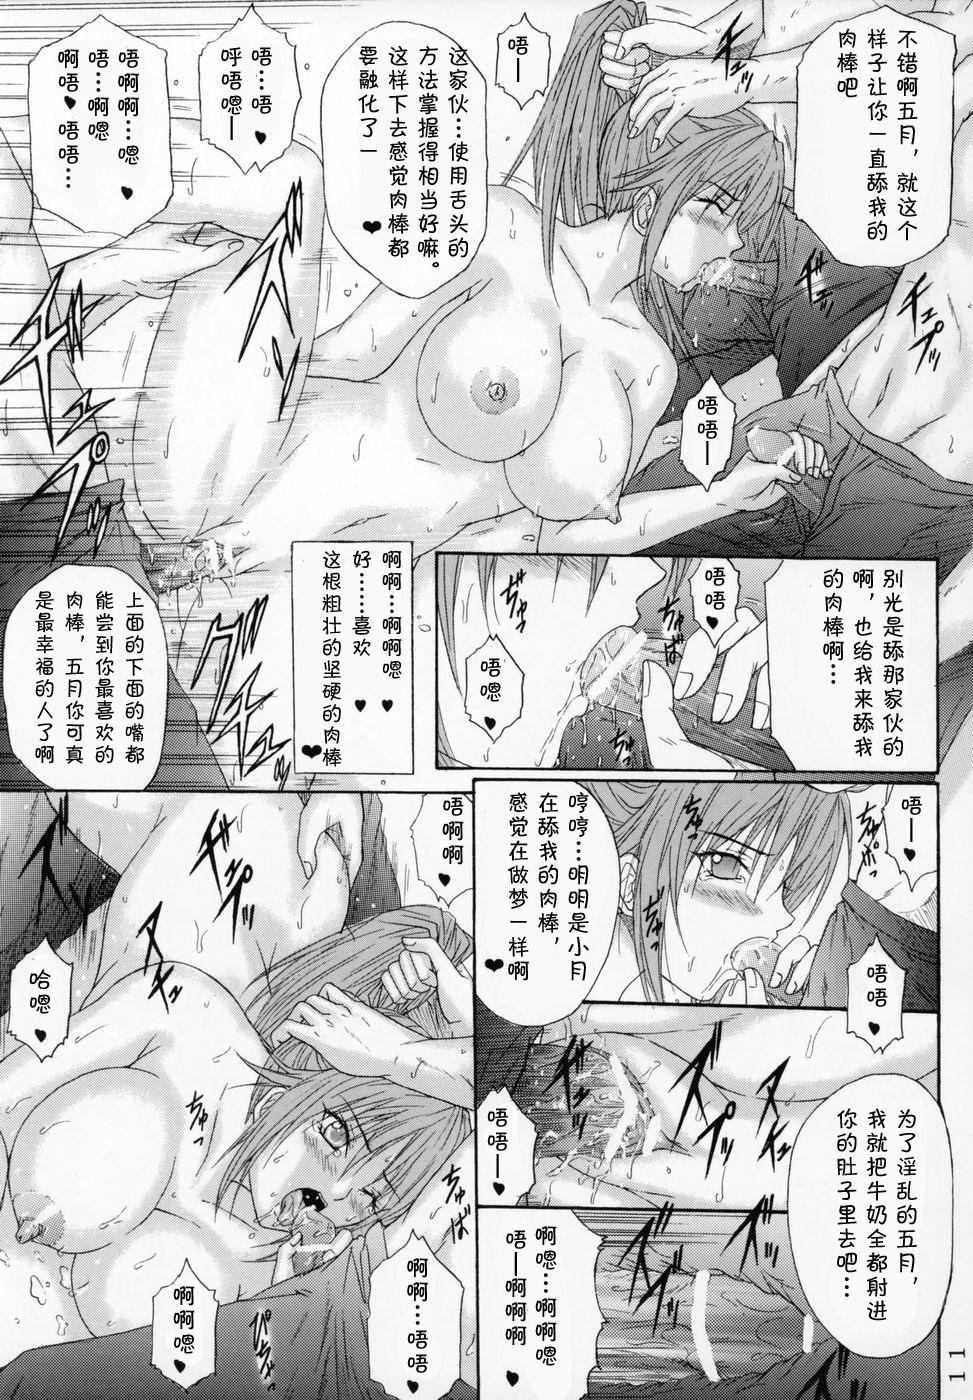 Ryoujoku Rensa 07 10